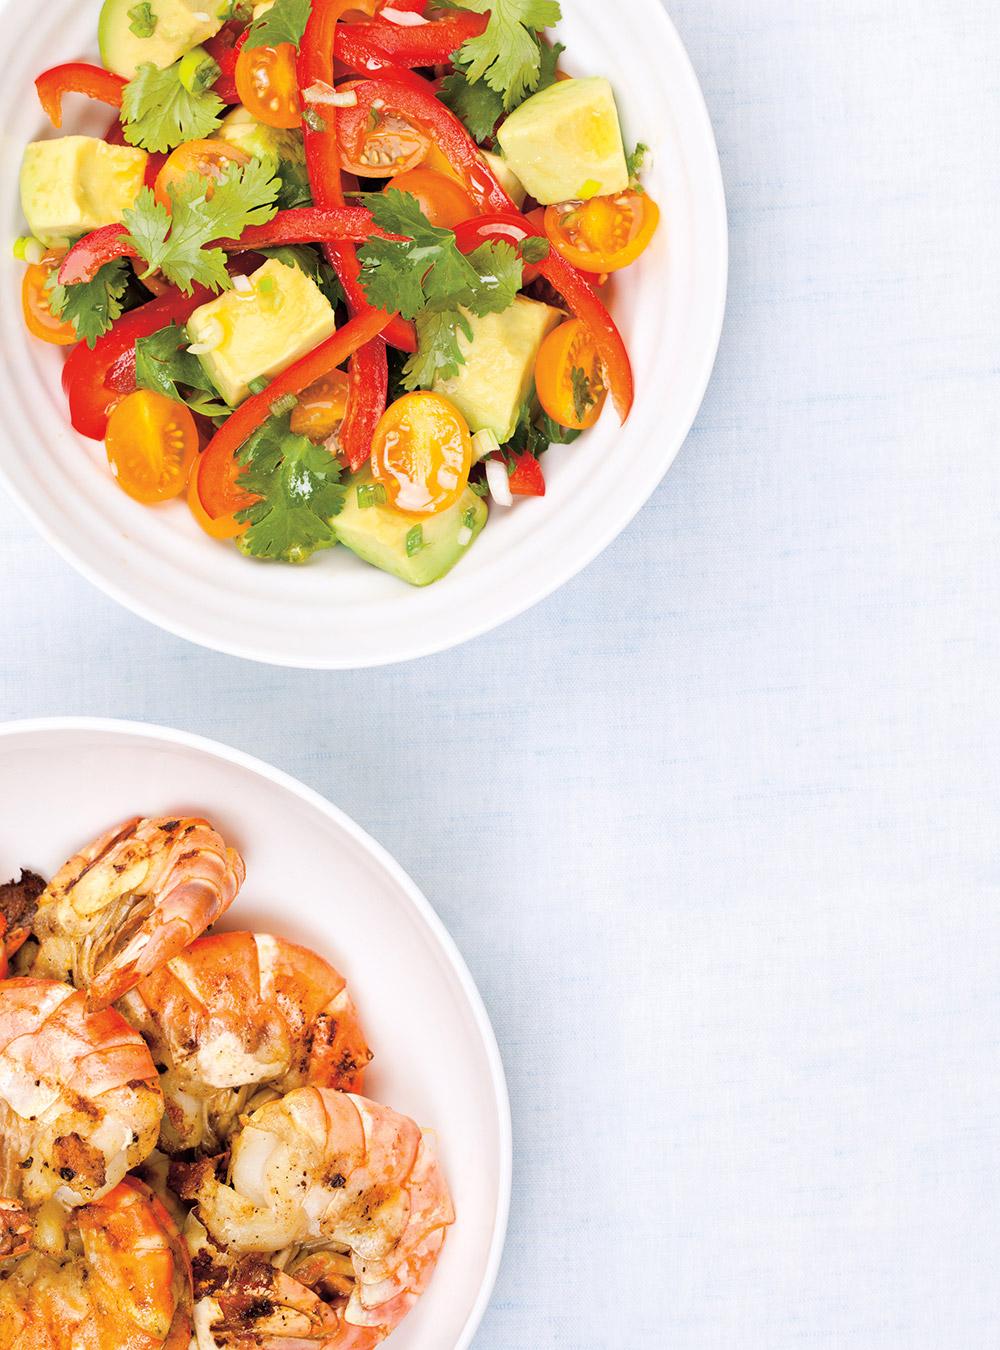 Crevettes grillées et salade d'avocat | ricardo